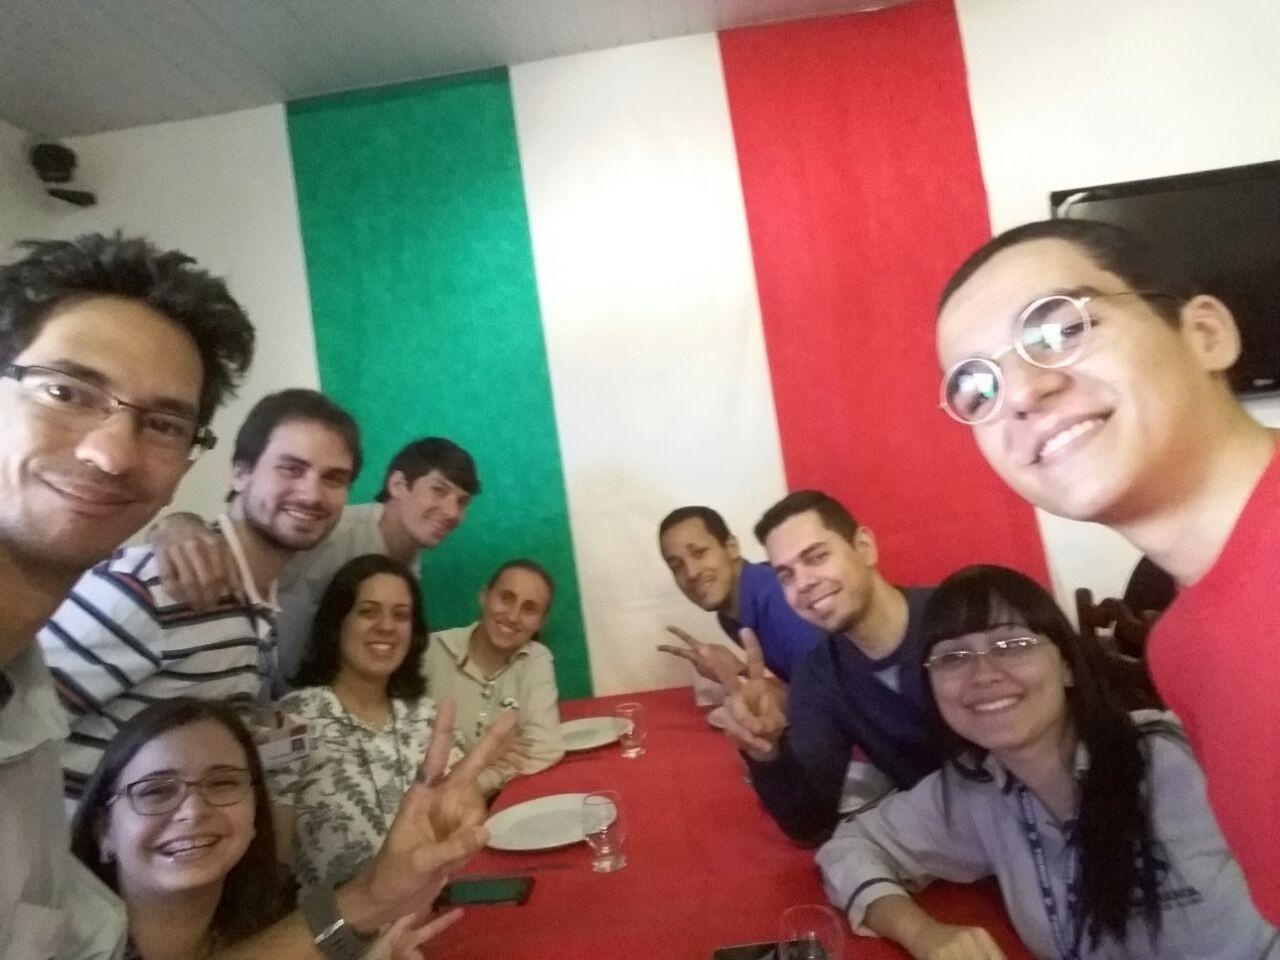 Equipe do G1 e GE Caruaru e Região reunida (Foto: André Hilton / TV Asa Branca)